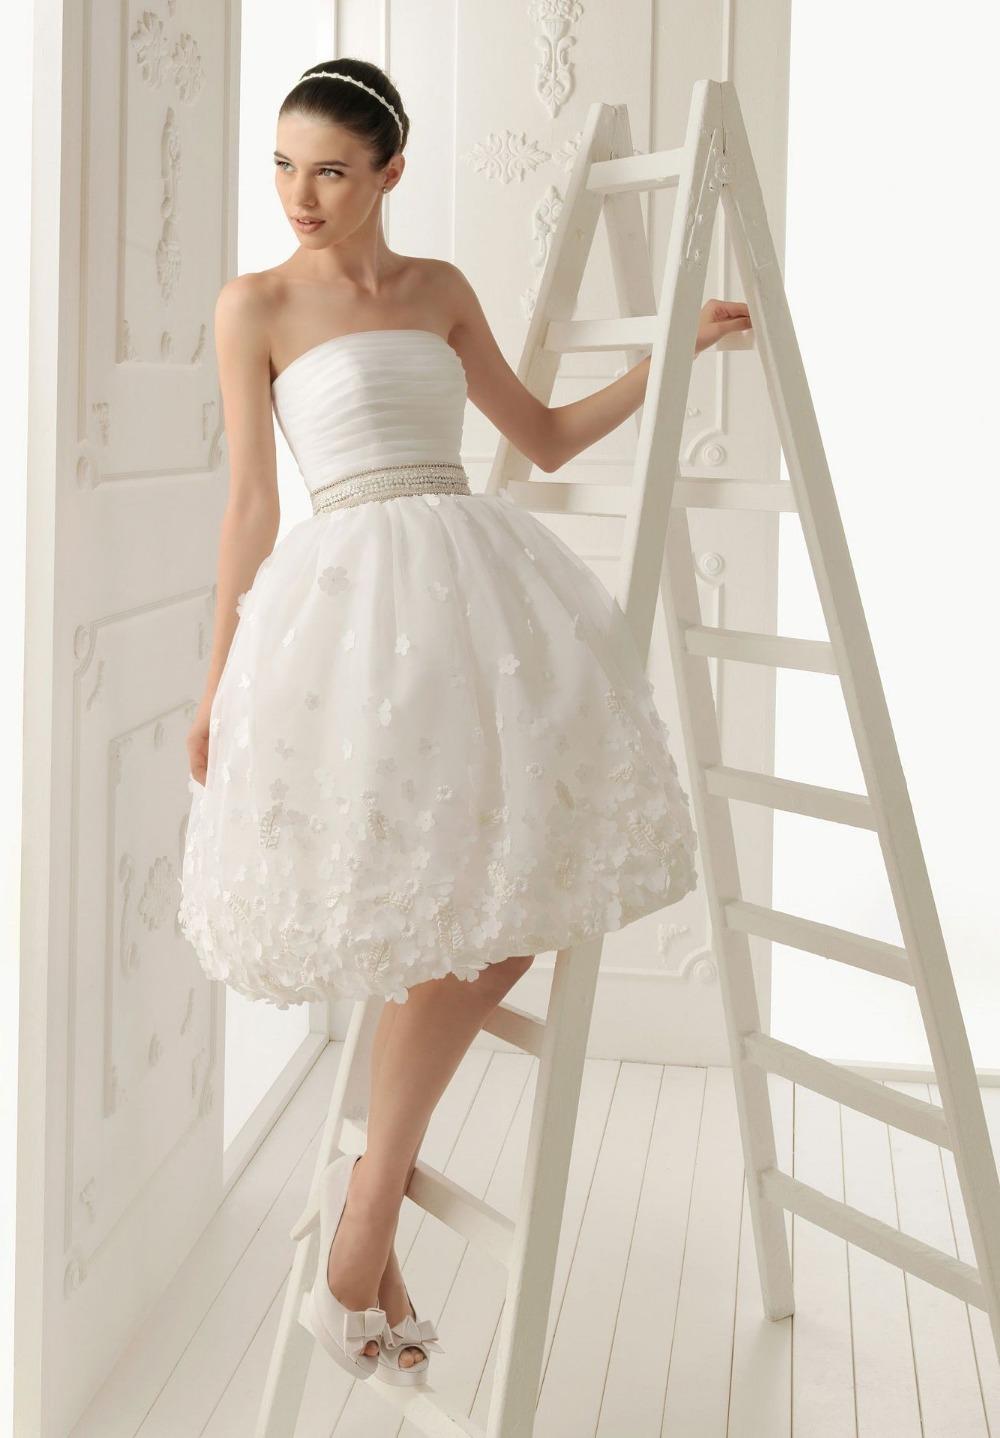 Short wedding dresses for sale cocktail dresses 2016 for Short wedding dress sale